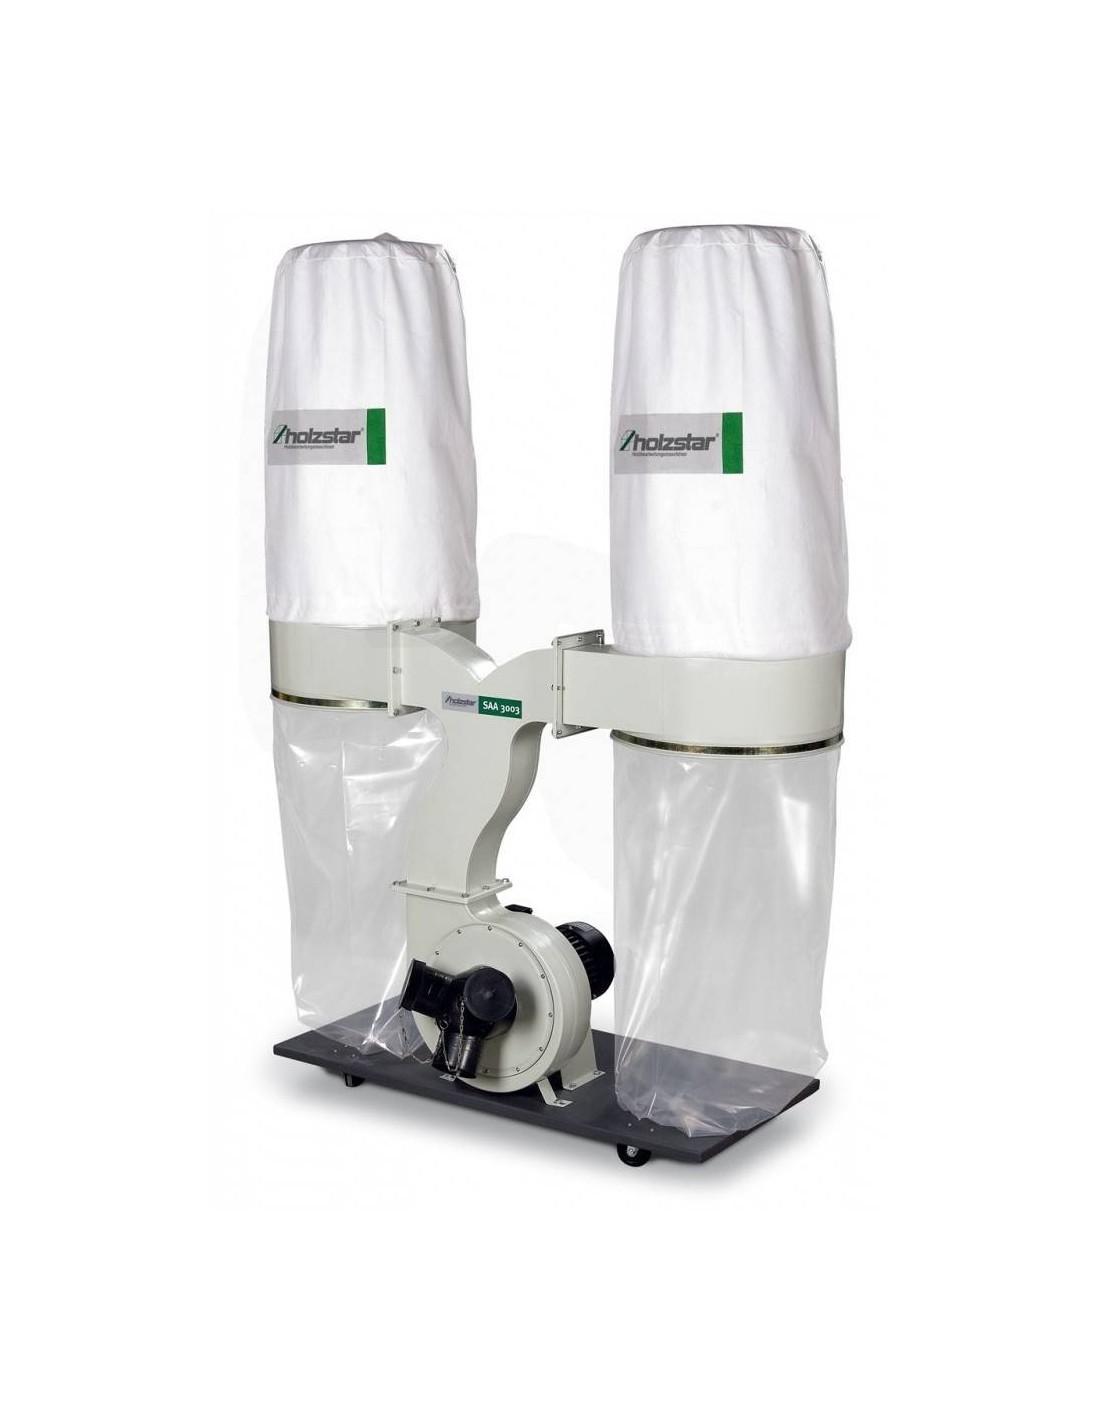 Exhaustor Holzstar SAA 3003 - 400 V